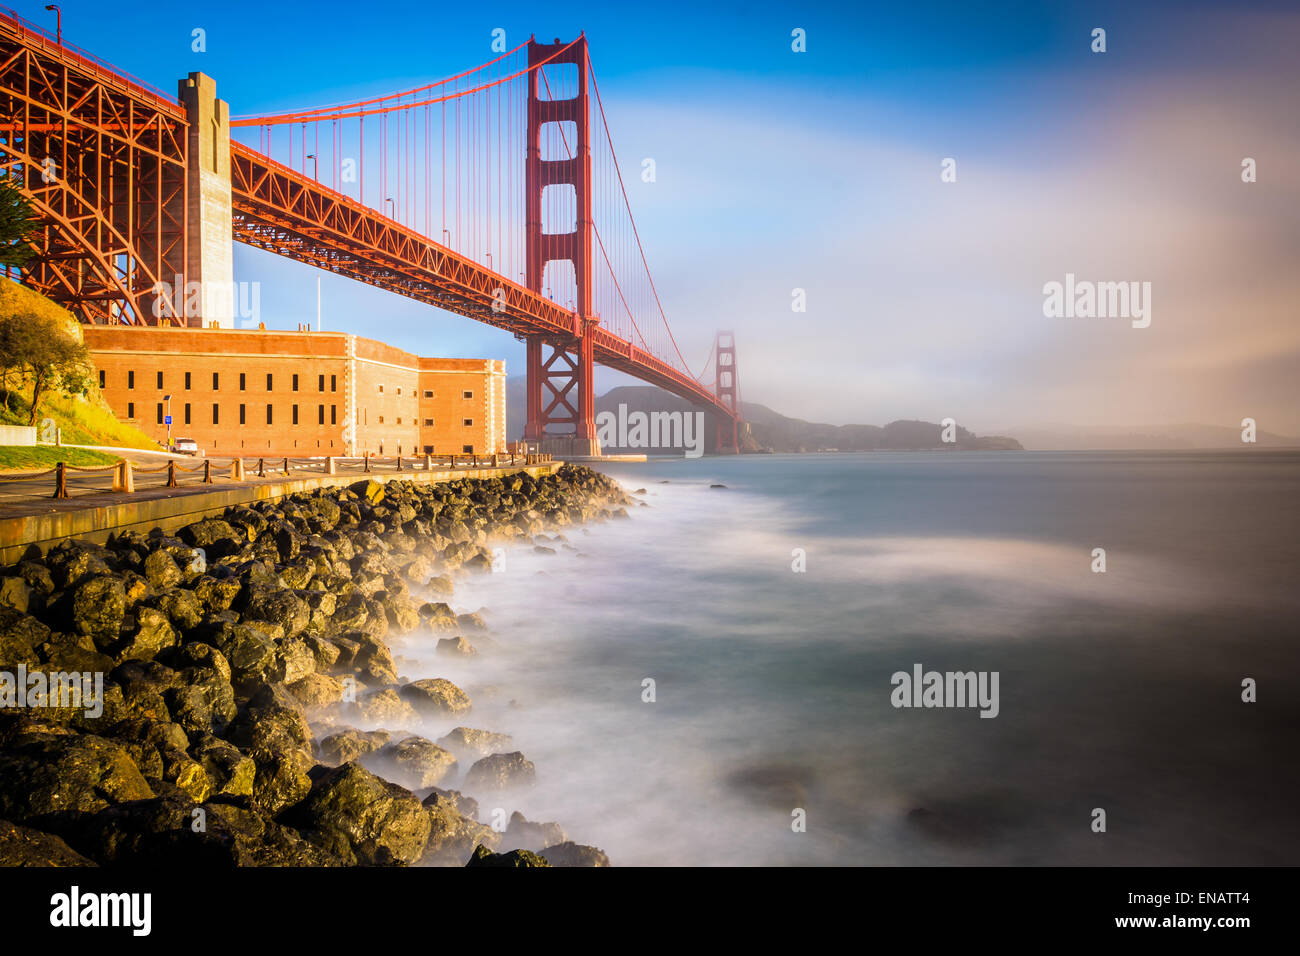 Una lunga esposizione del Golden Gate Bridge, visto ad alba da Fort Point, San Francisco, California. Immagini Stock